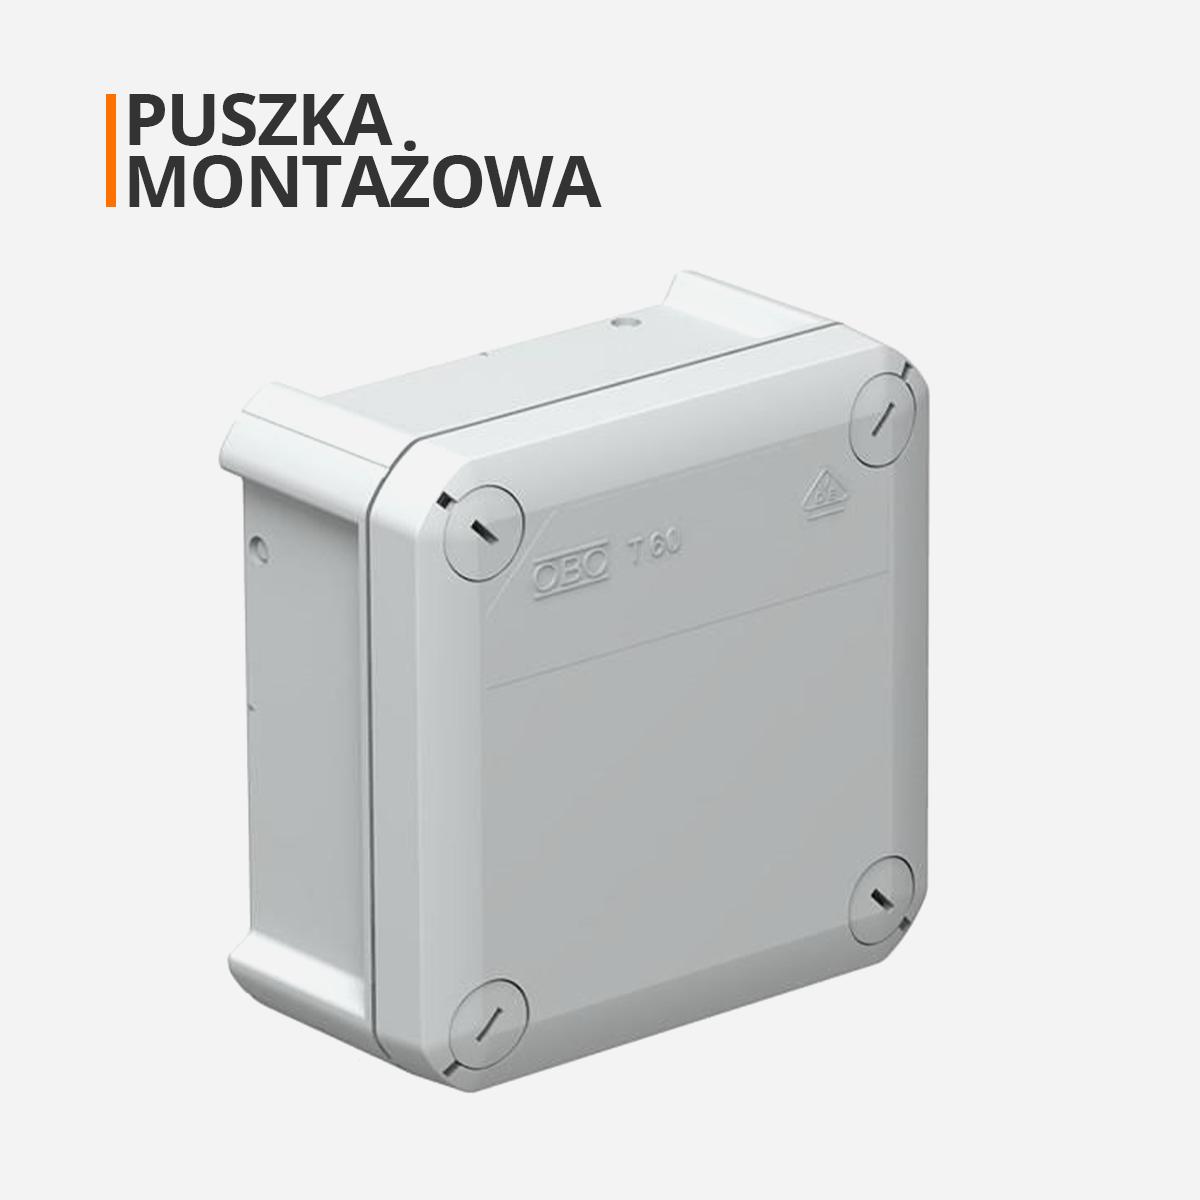 Puszka montażowa do kamer zewnętrznych orllo.pl